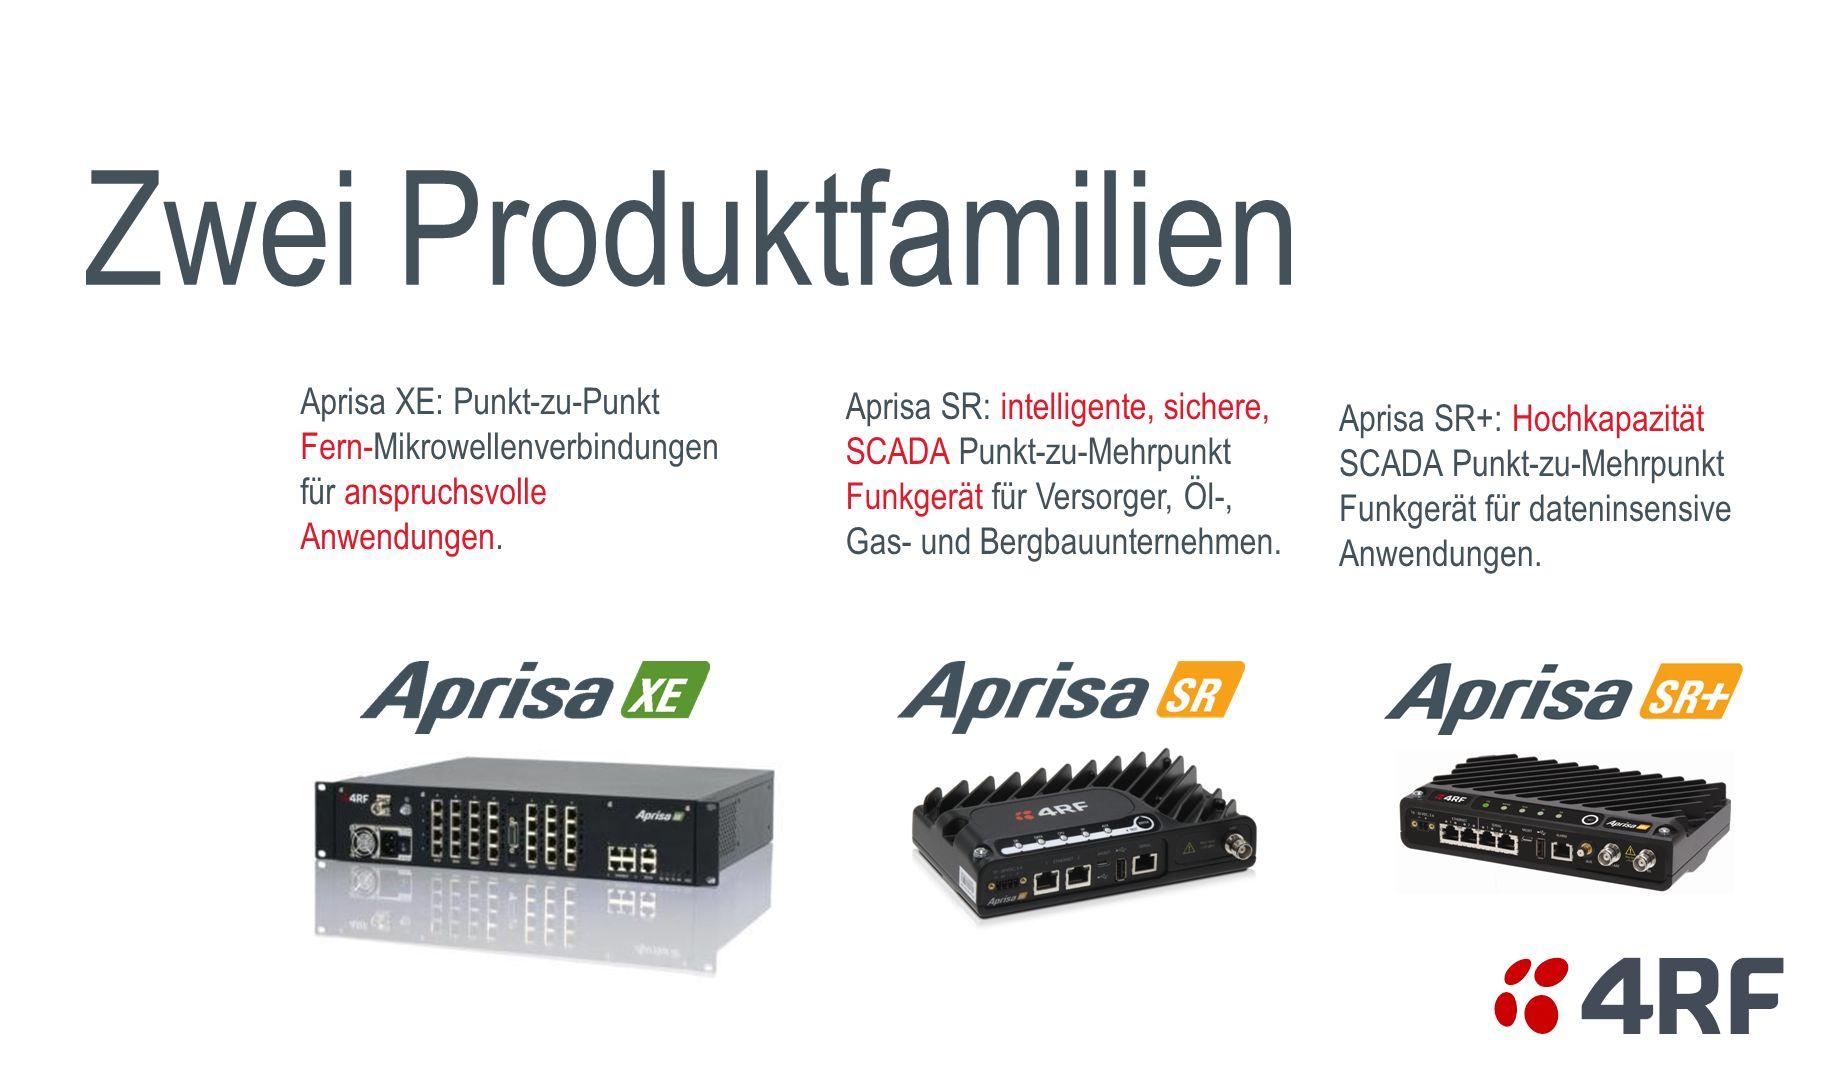 Zwei Produktfamilien Aprisa XE: Punkt-zu-Punkt Fern-Mikrowellenverbindungen für anspruchsvolle Anwendungen. Aprisa SR: intelligente, sichere, SCADA Pu